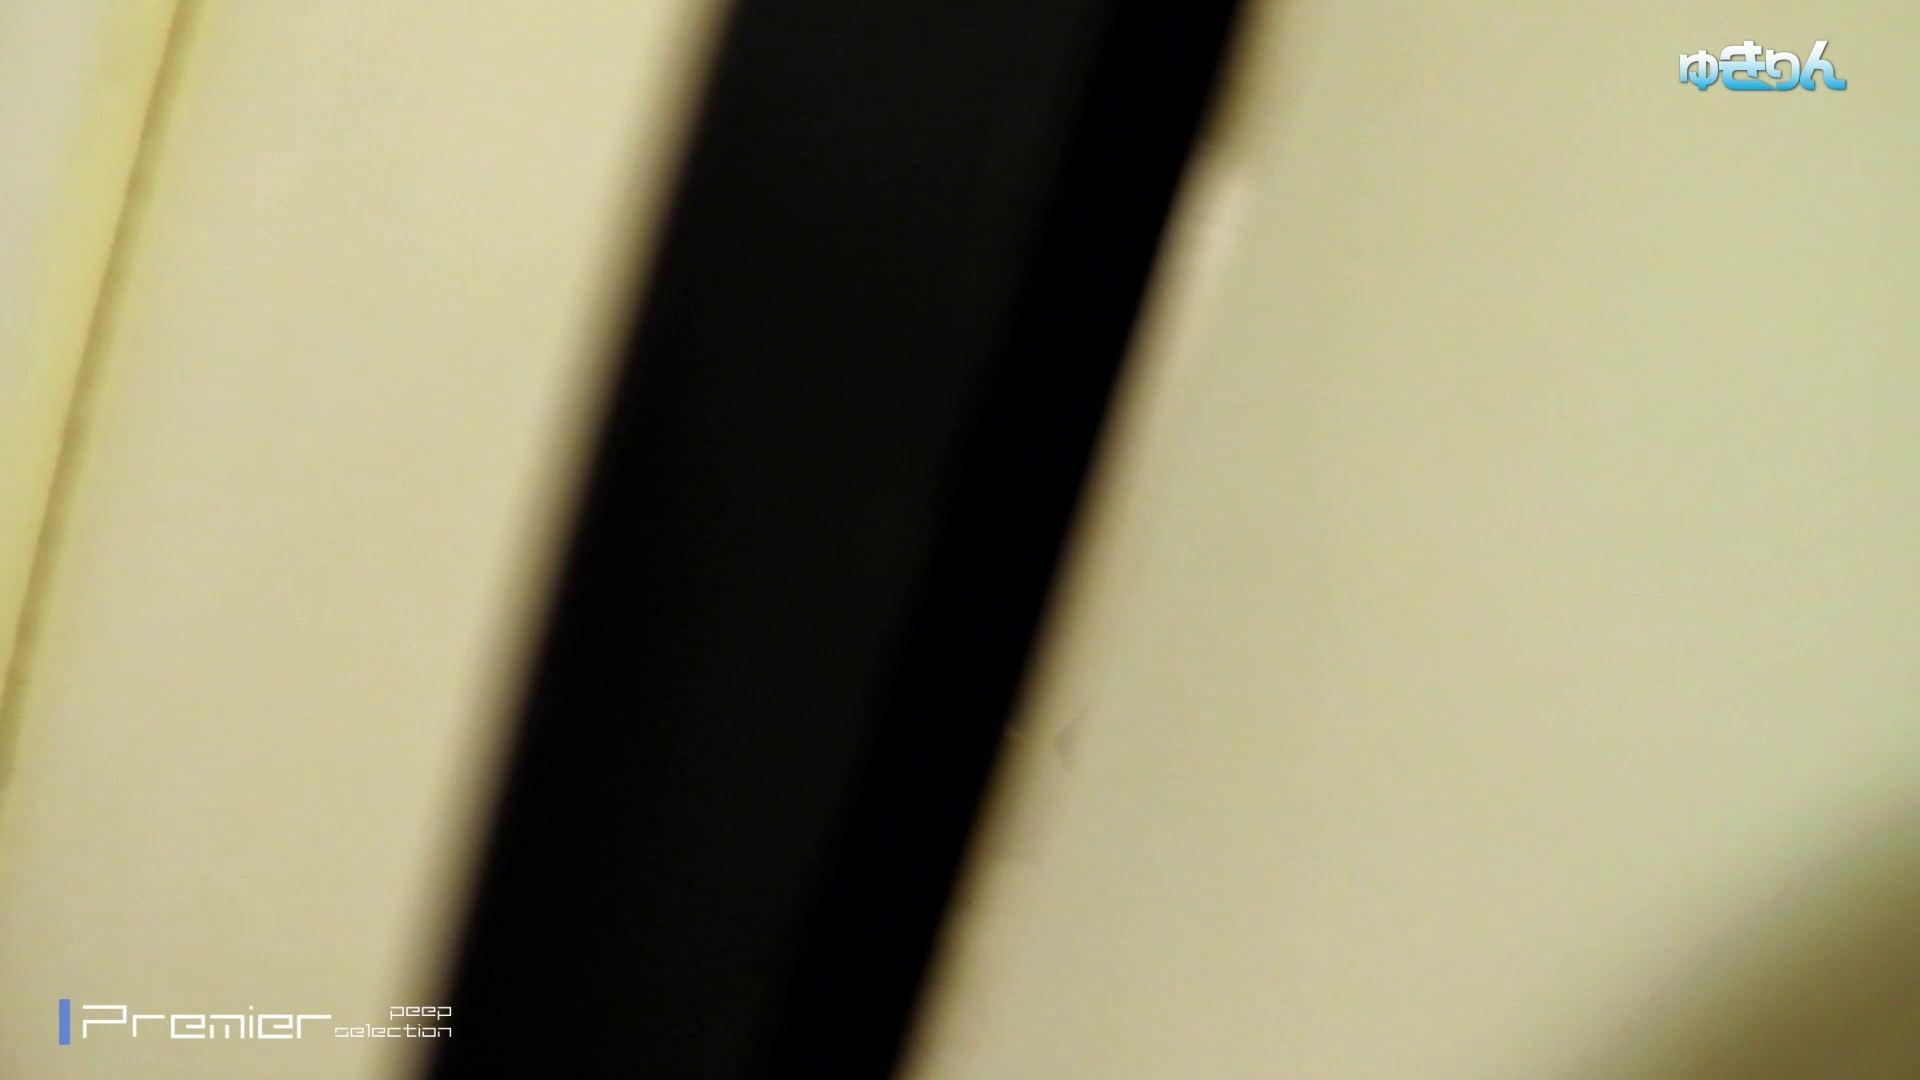 新世界の射窓 No88 必見スニーカーで壁を超える長身!!美女3人 美女達のヌード   洗面所着替え  51連発 38